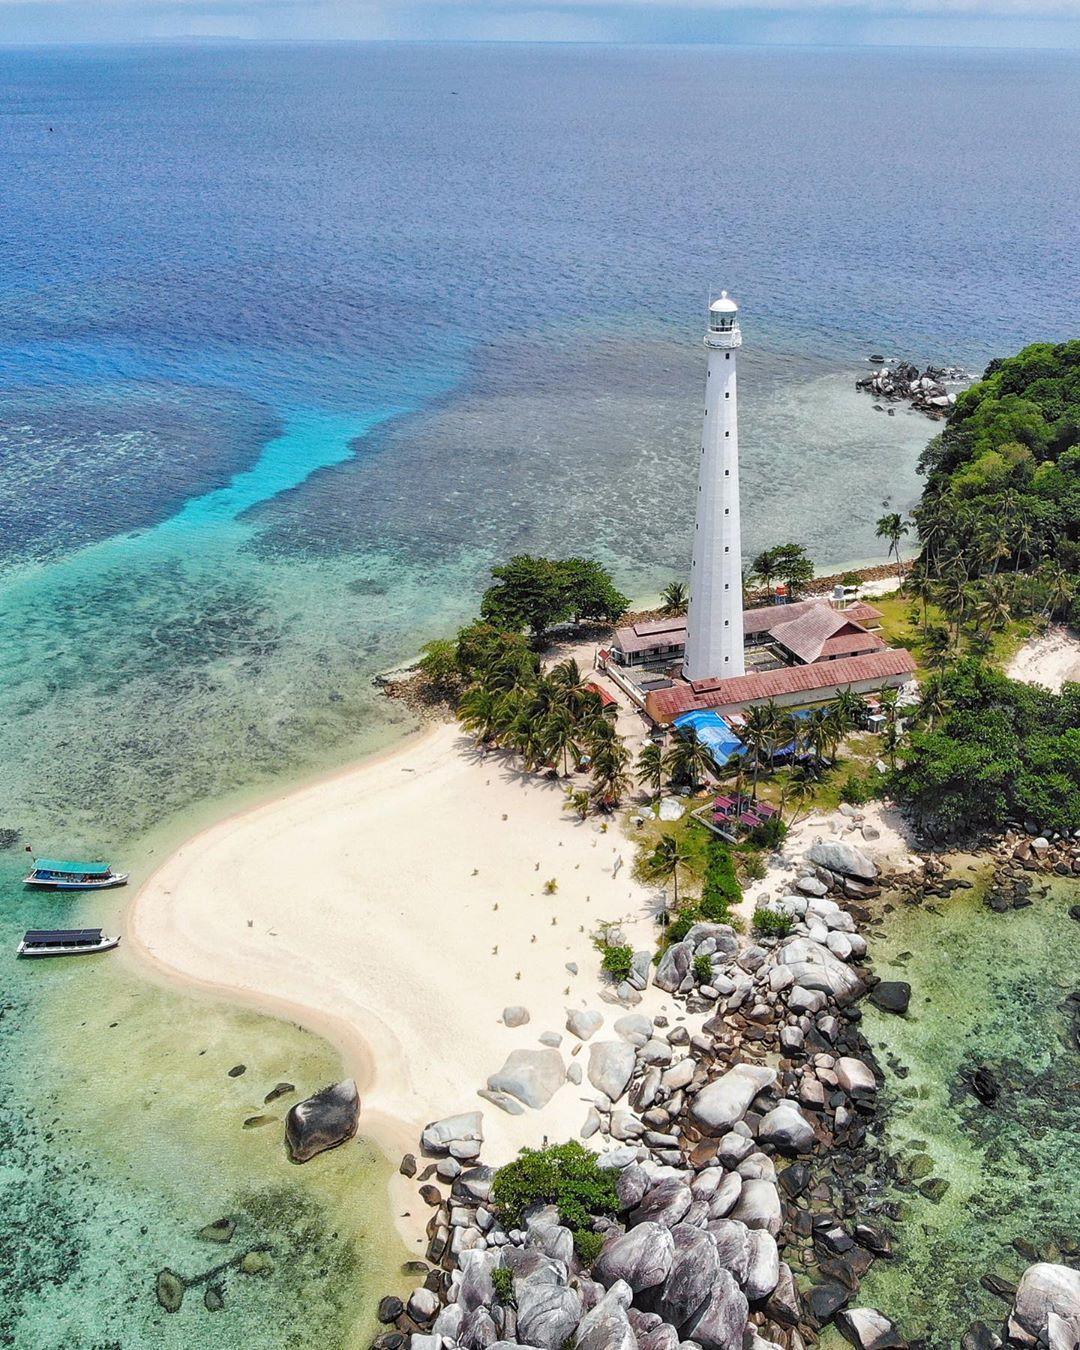 Menikmati Pemandangan Pulau Lengkuas Dari Atas Mercusuar 1